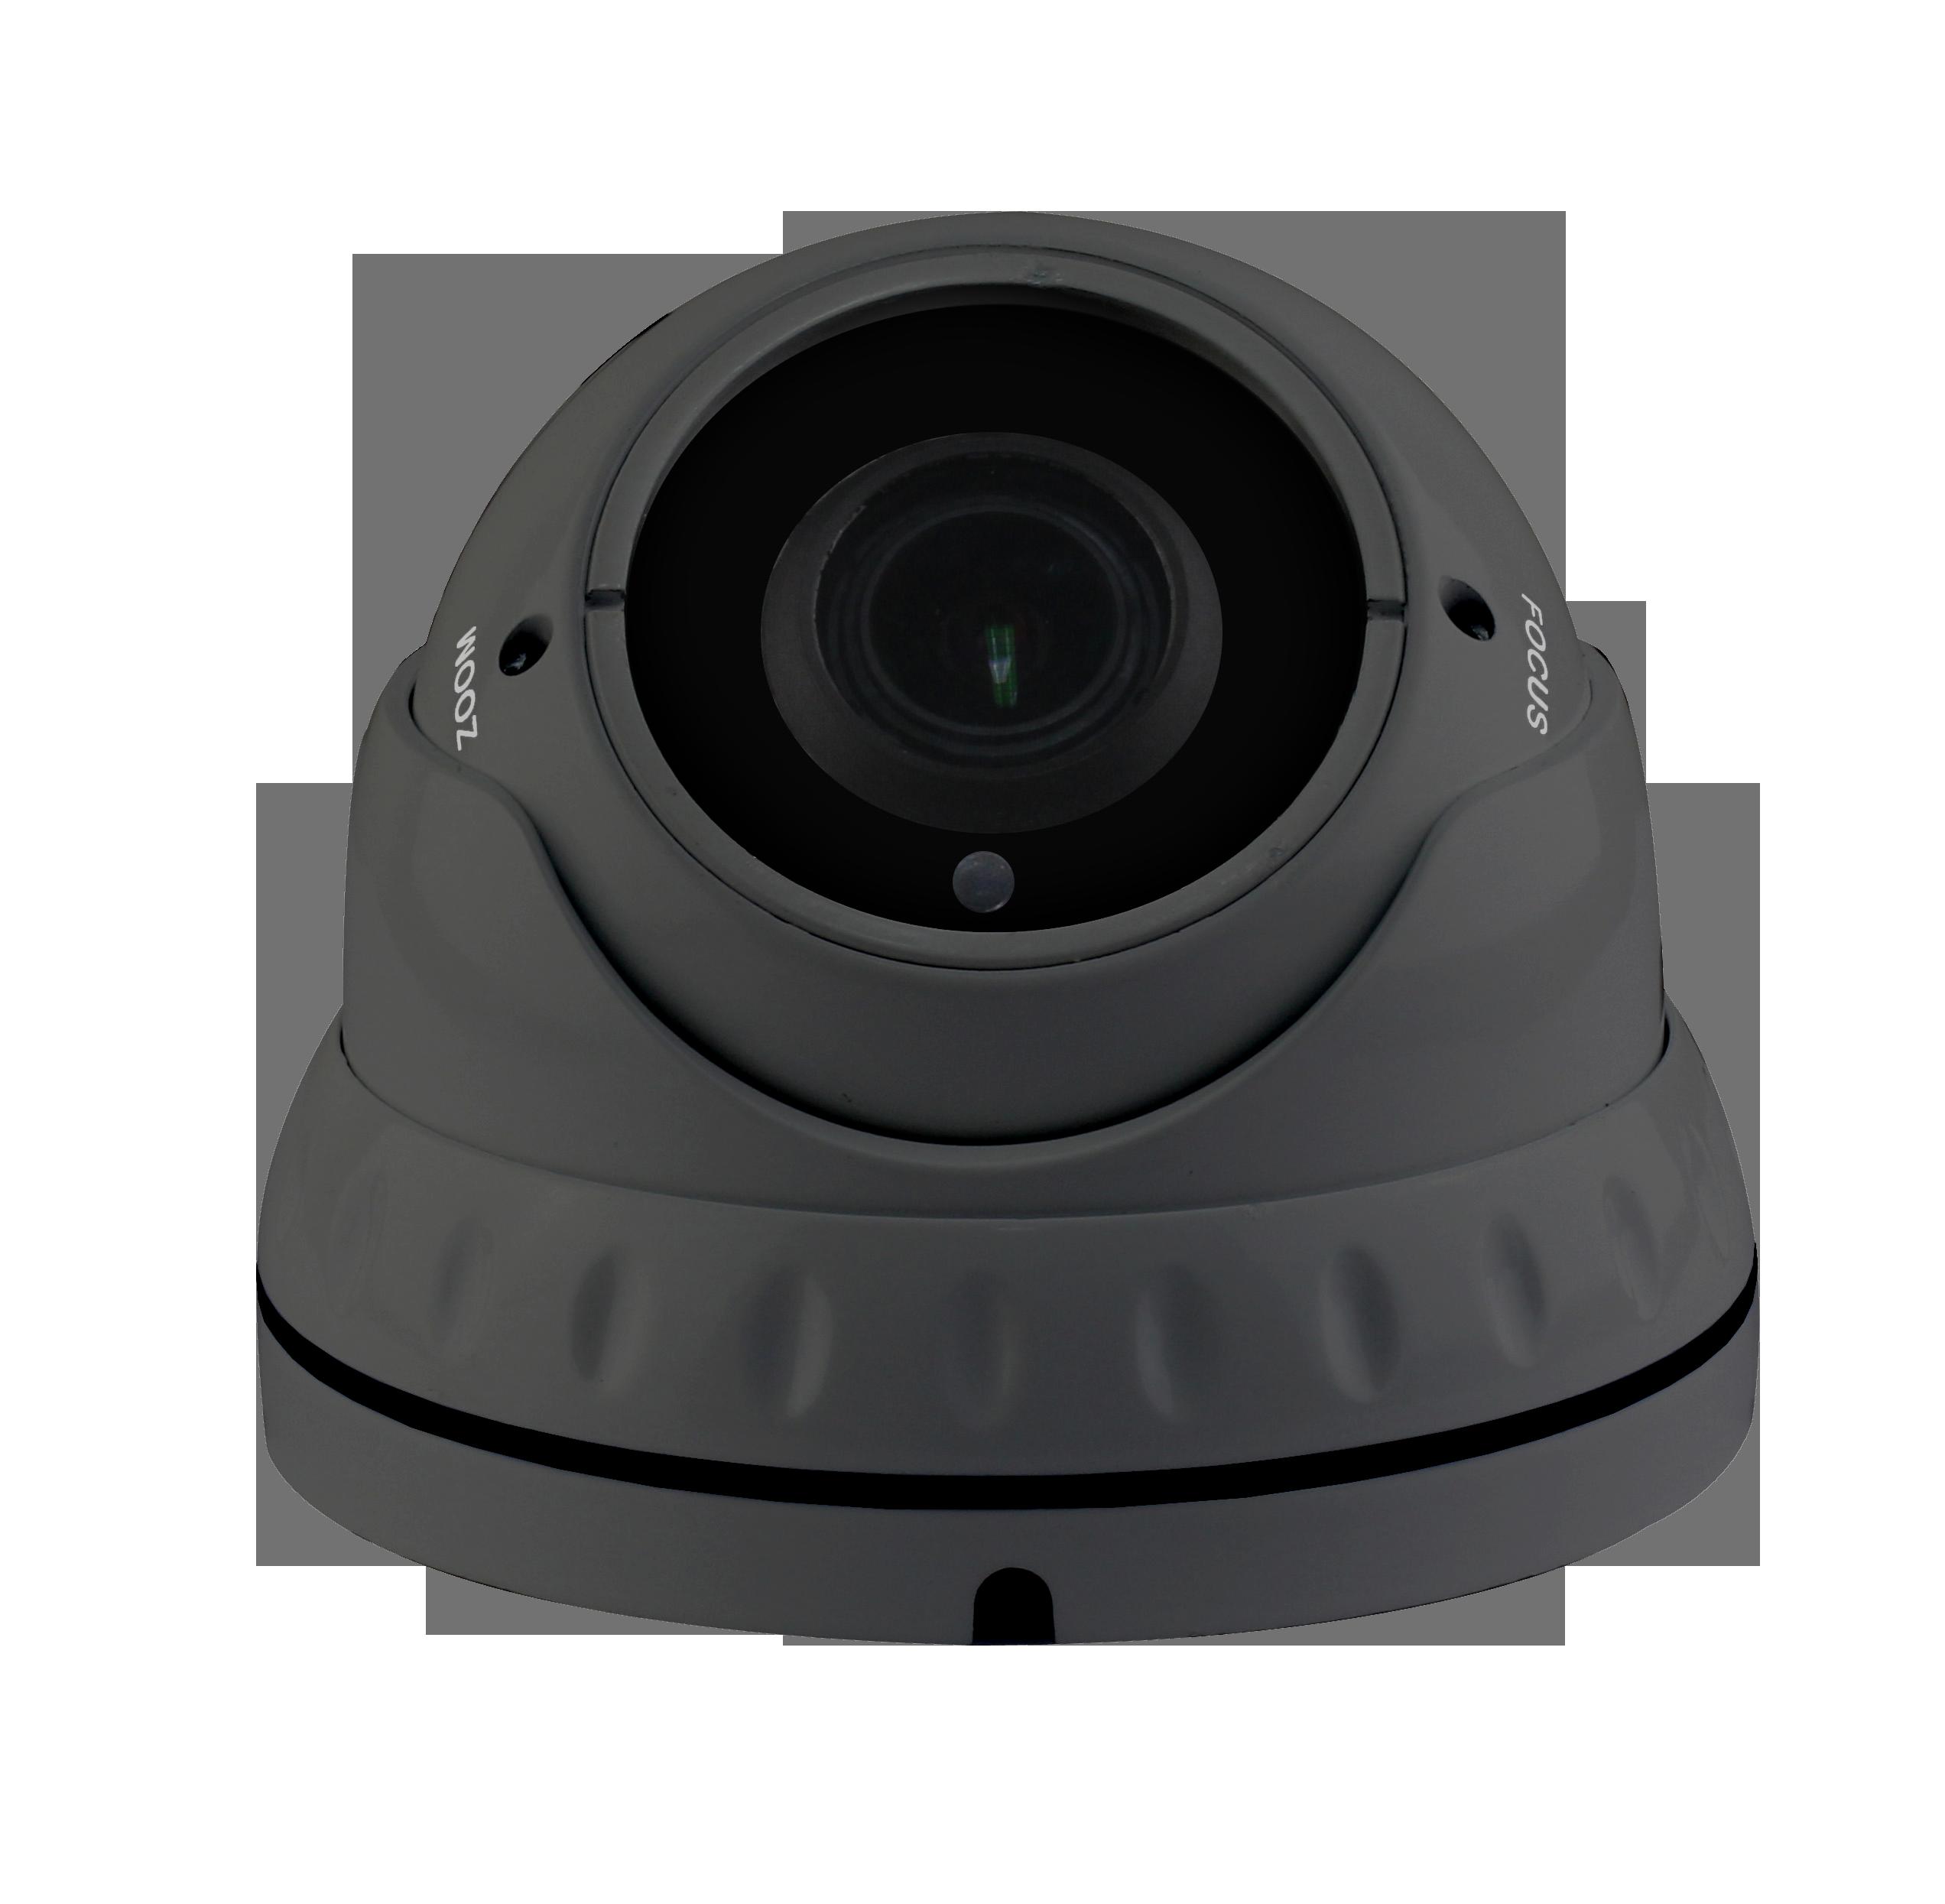 CCTV Dome Camera Transparent PNG SVG Clip arts